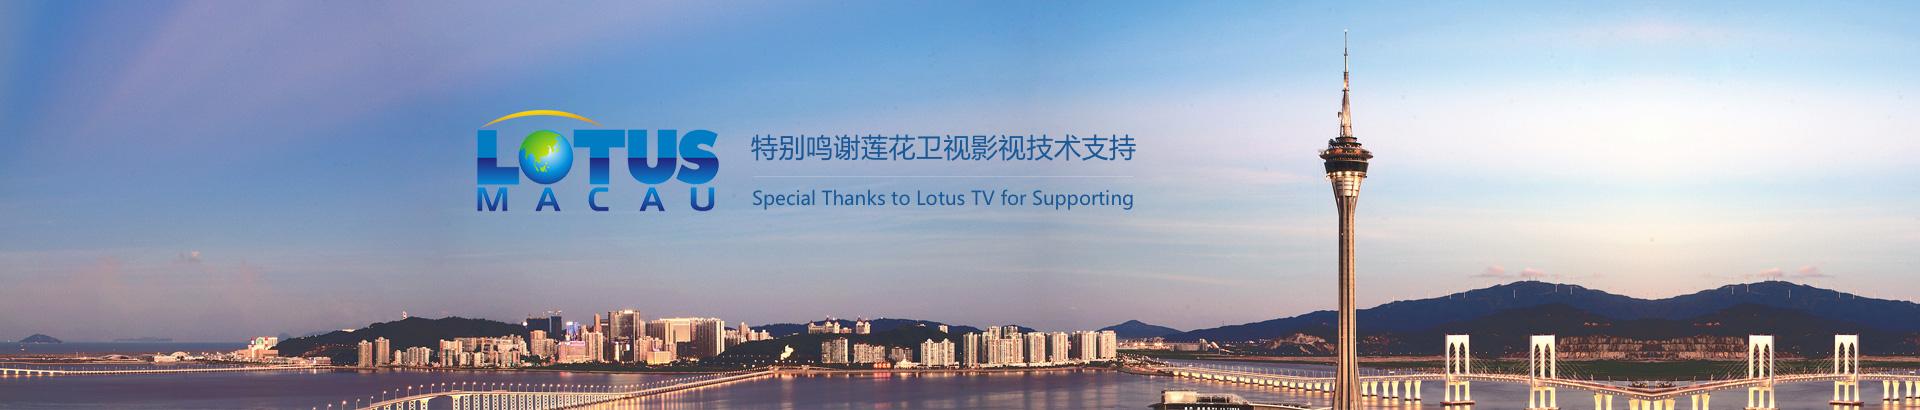 感谢澳门莲花卫视给予MBP视频技术支持